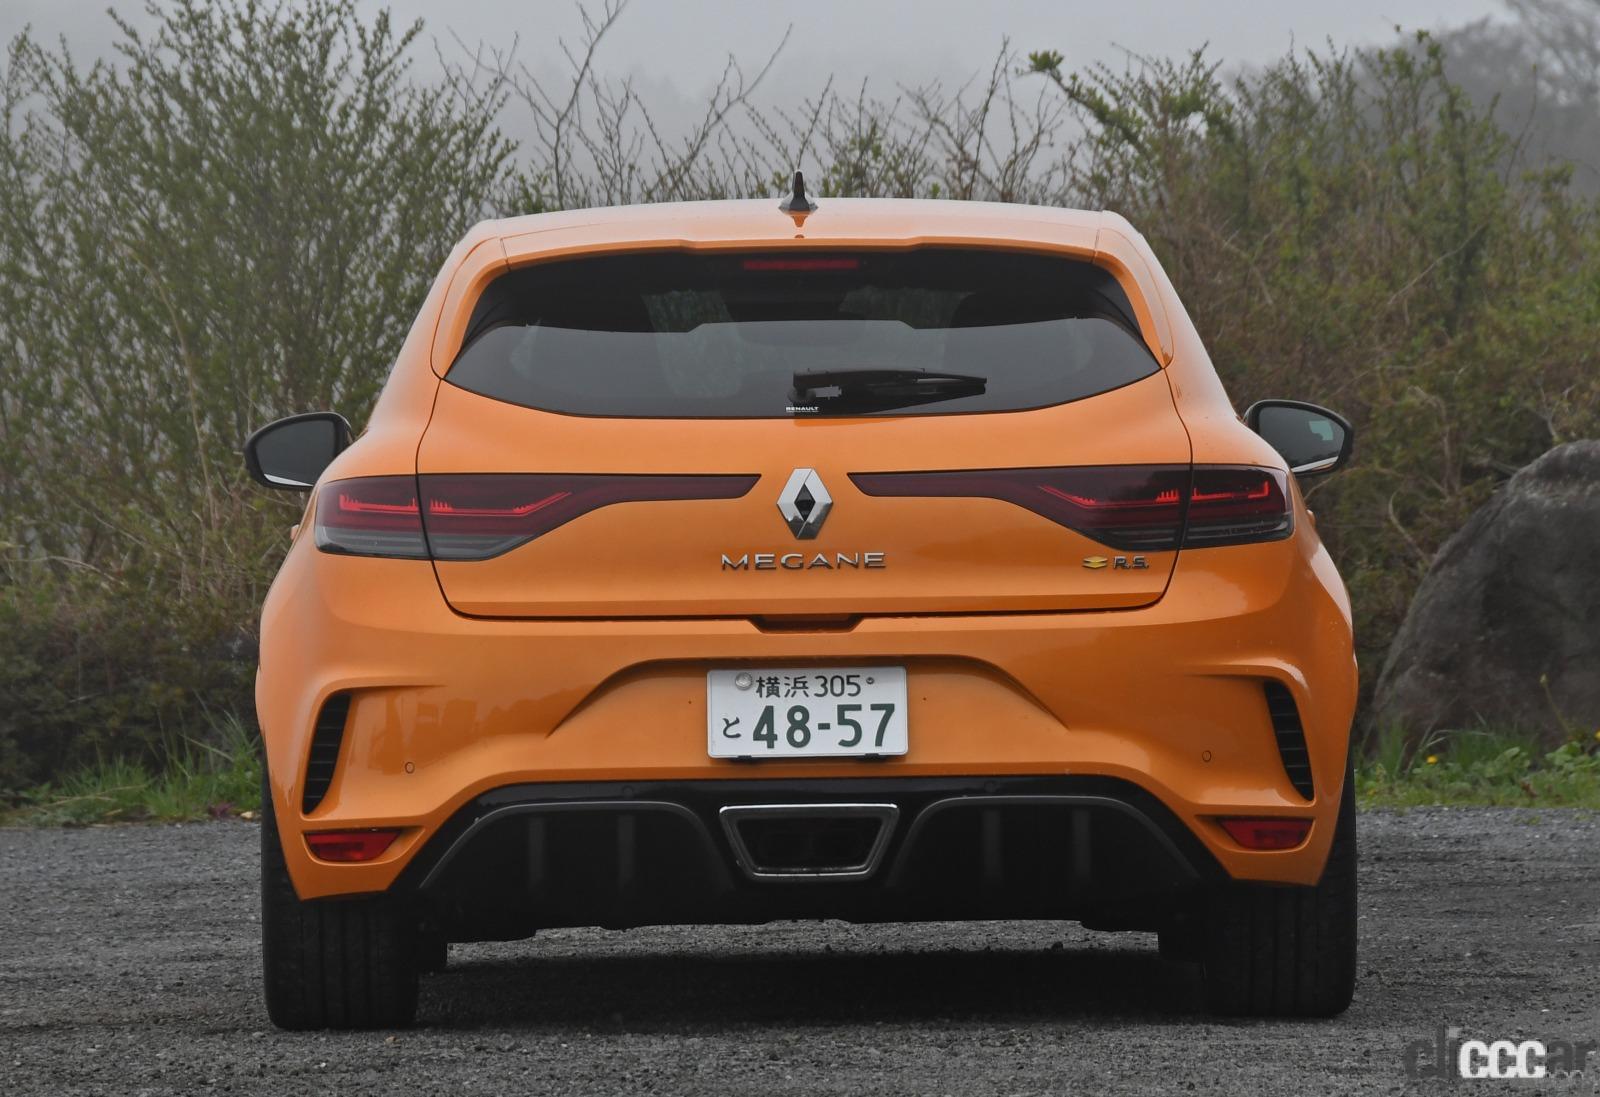 「ルノー・メガーヌR.S.は500万円を切る価格で手に入る高性能スポーツカーだった!」の4枚目の画像